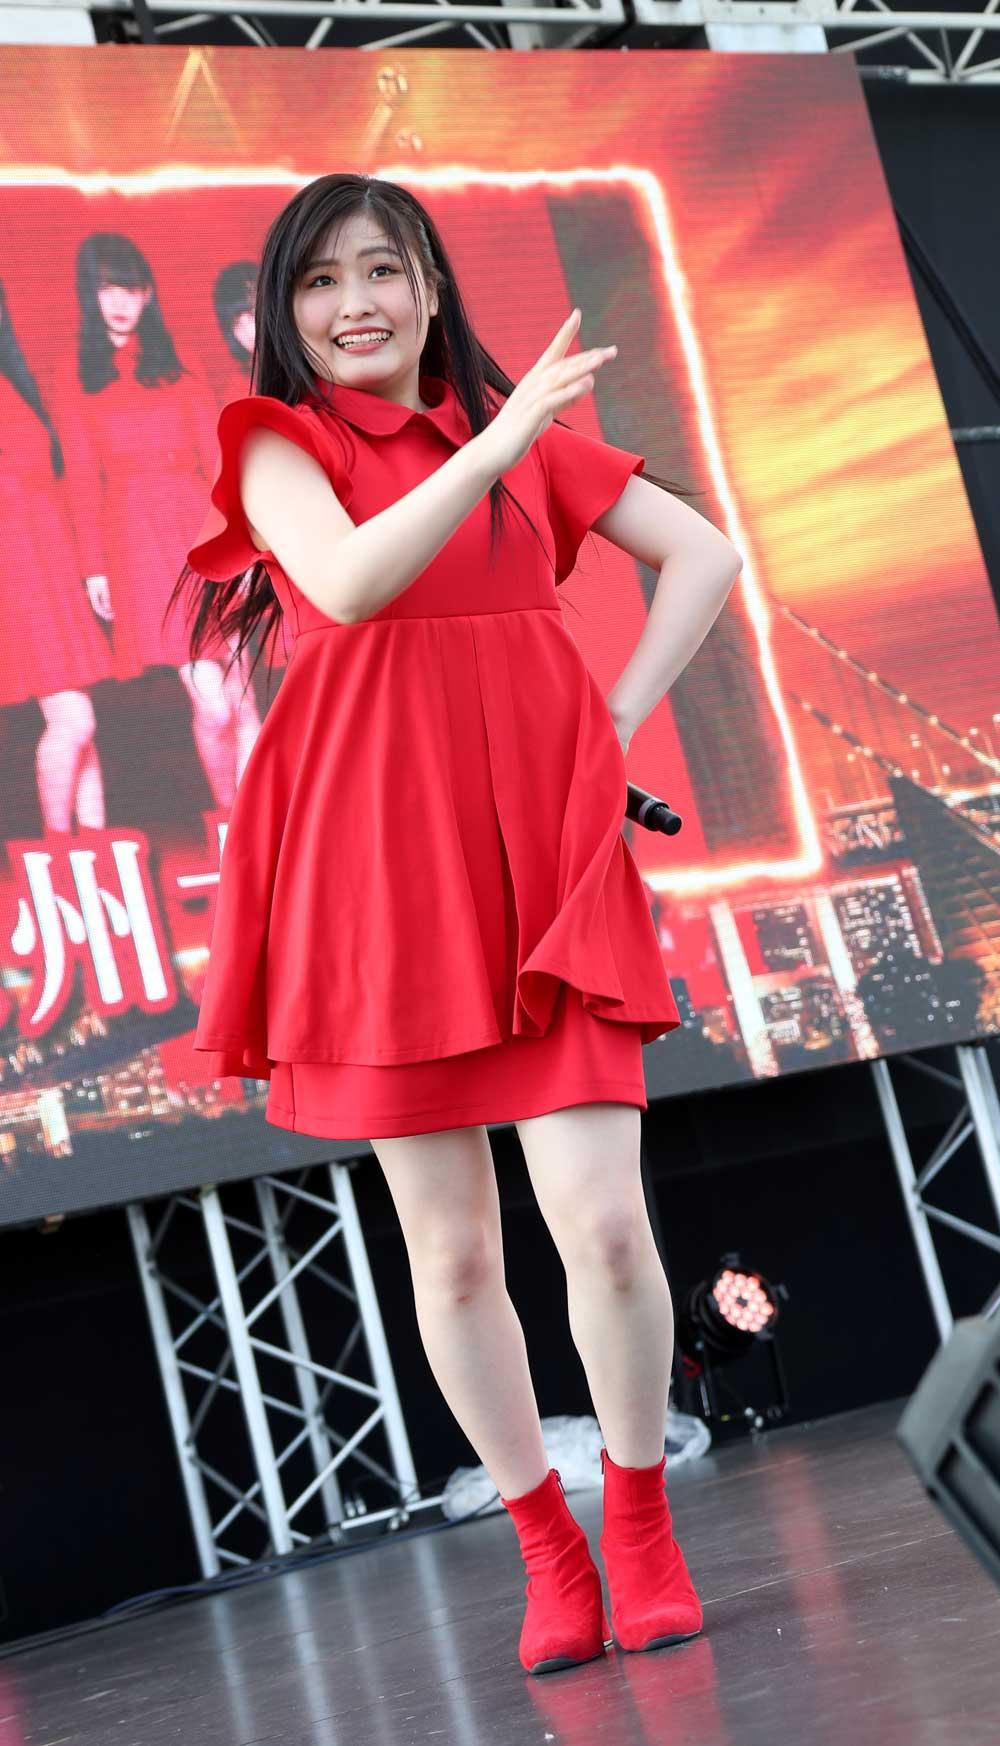 Images : 8番目の画像 - 「九州女子翼/お台場に響き渡る咆哮。肉フェスステージで渾身のパフォーマンスを披露」のアルバム - Stereo Sound ONLINE